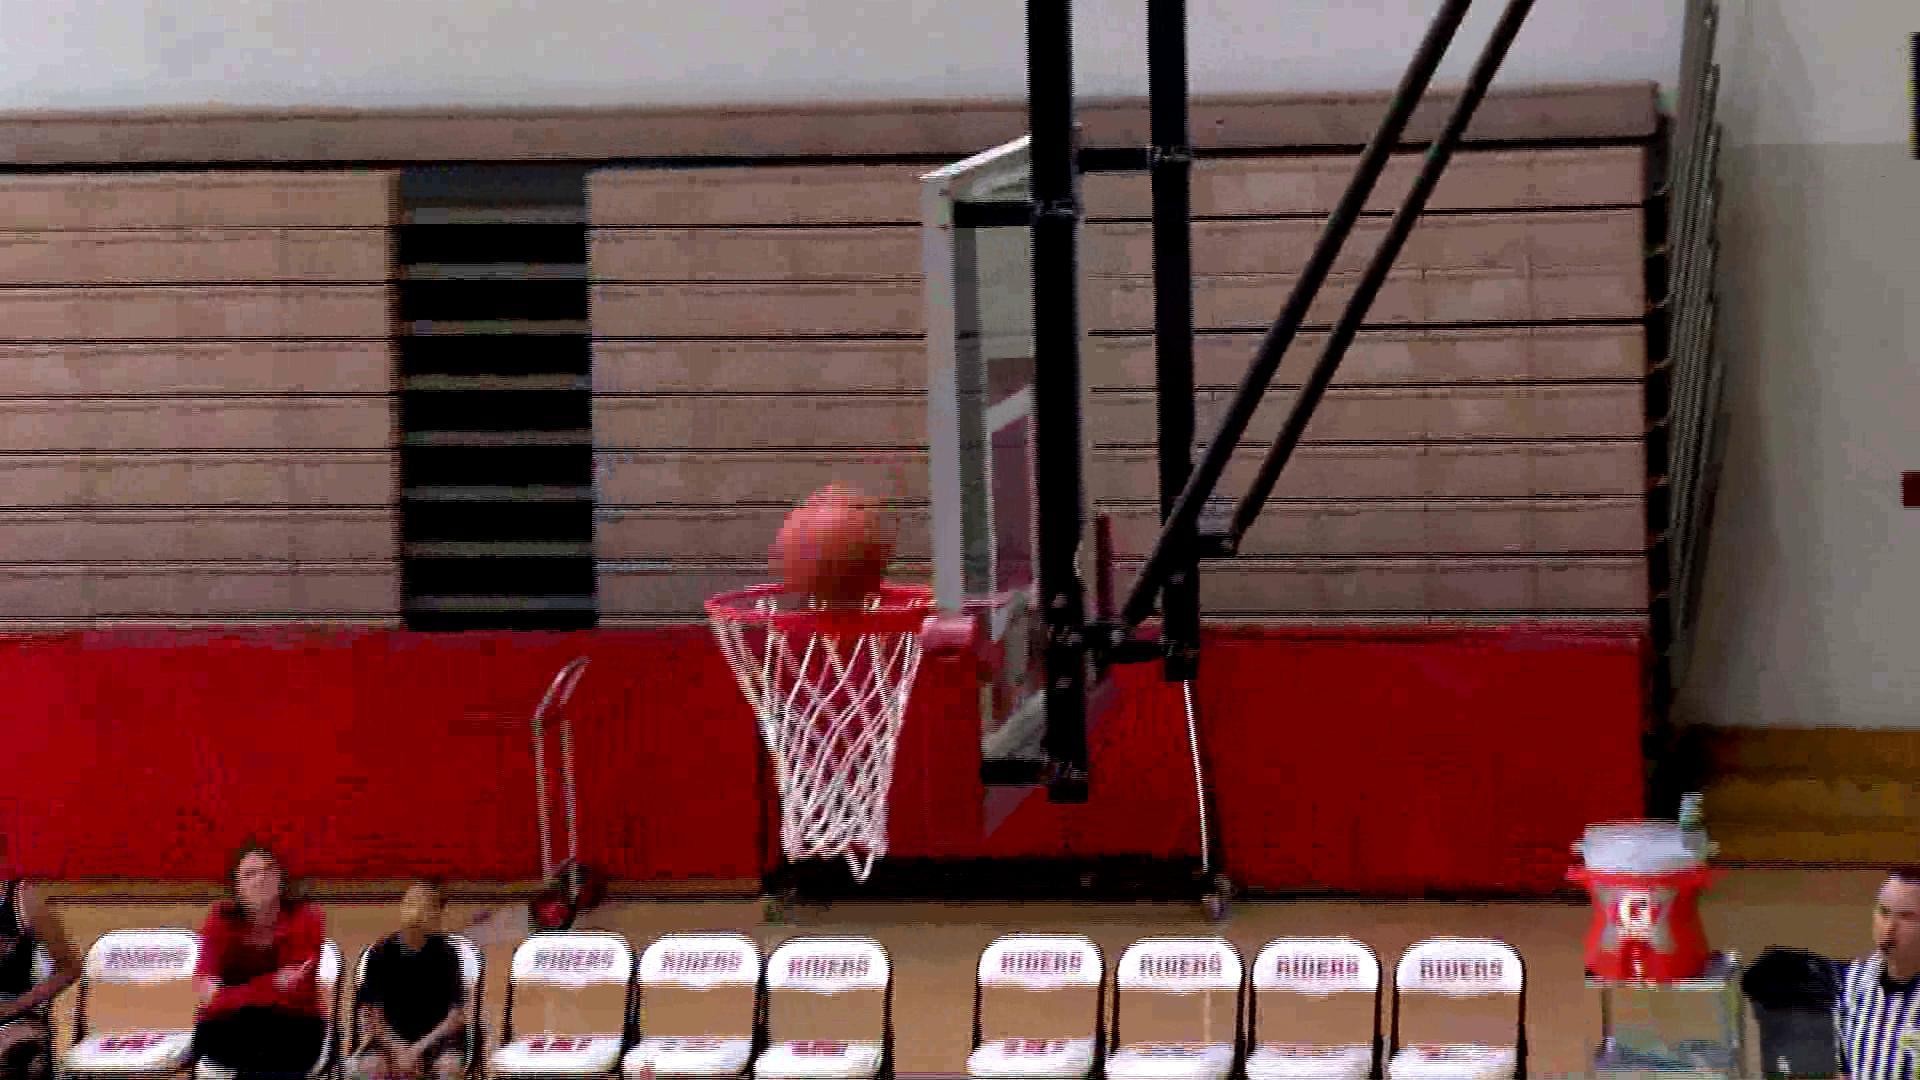 12.5.19 Highlights - Steubenville vs Weir High - girls basketball